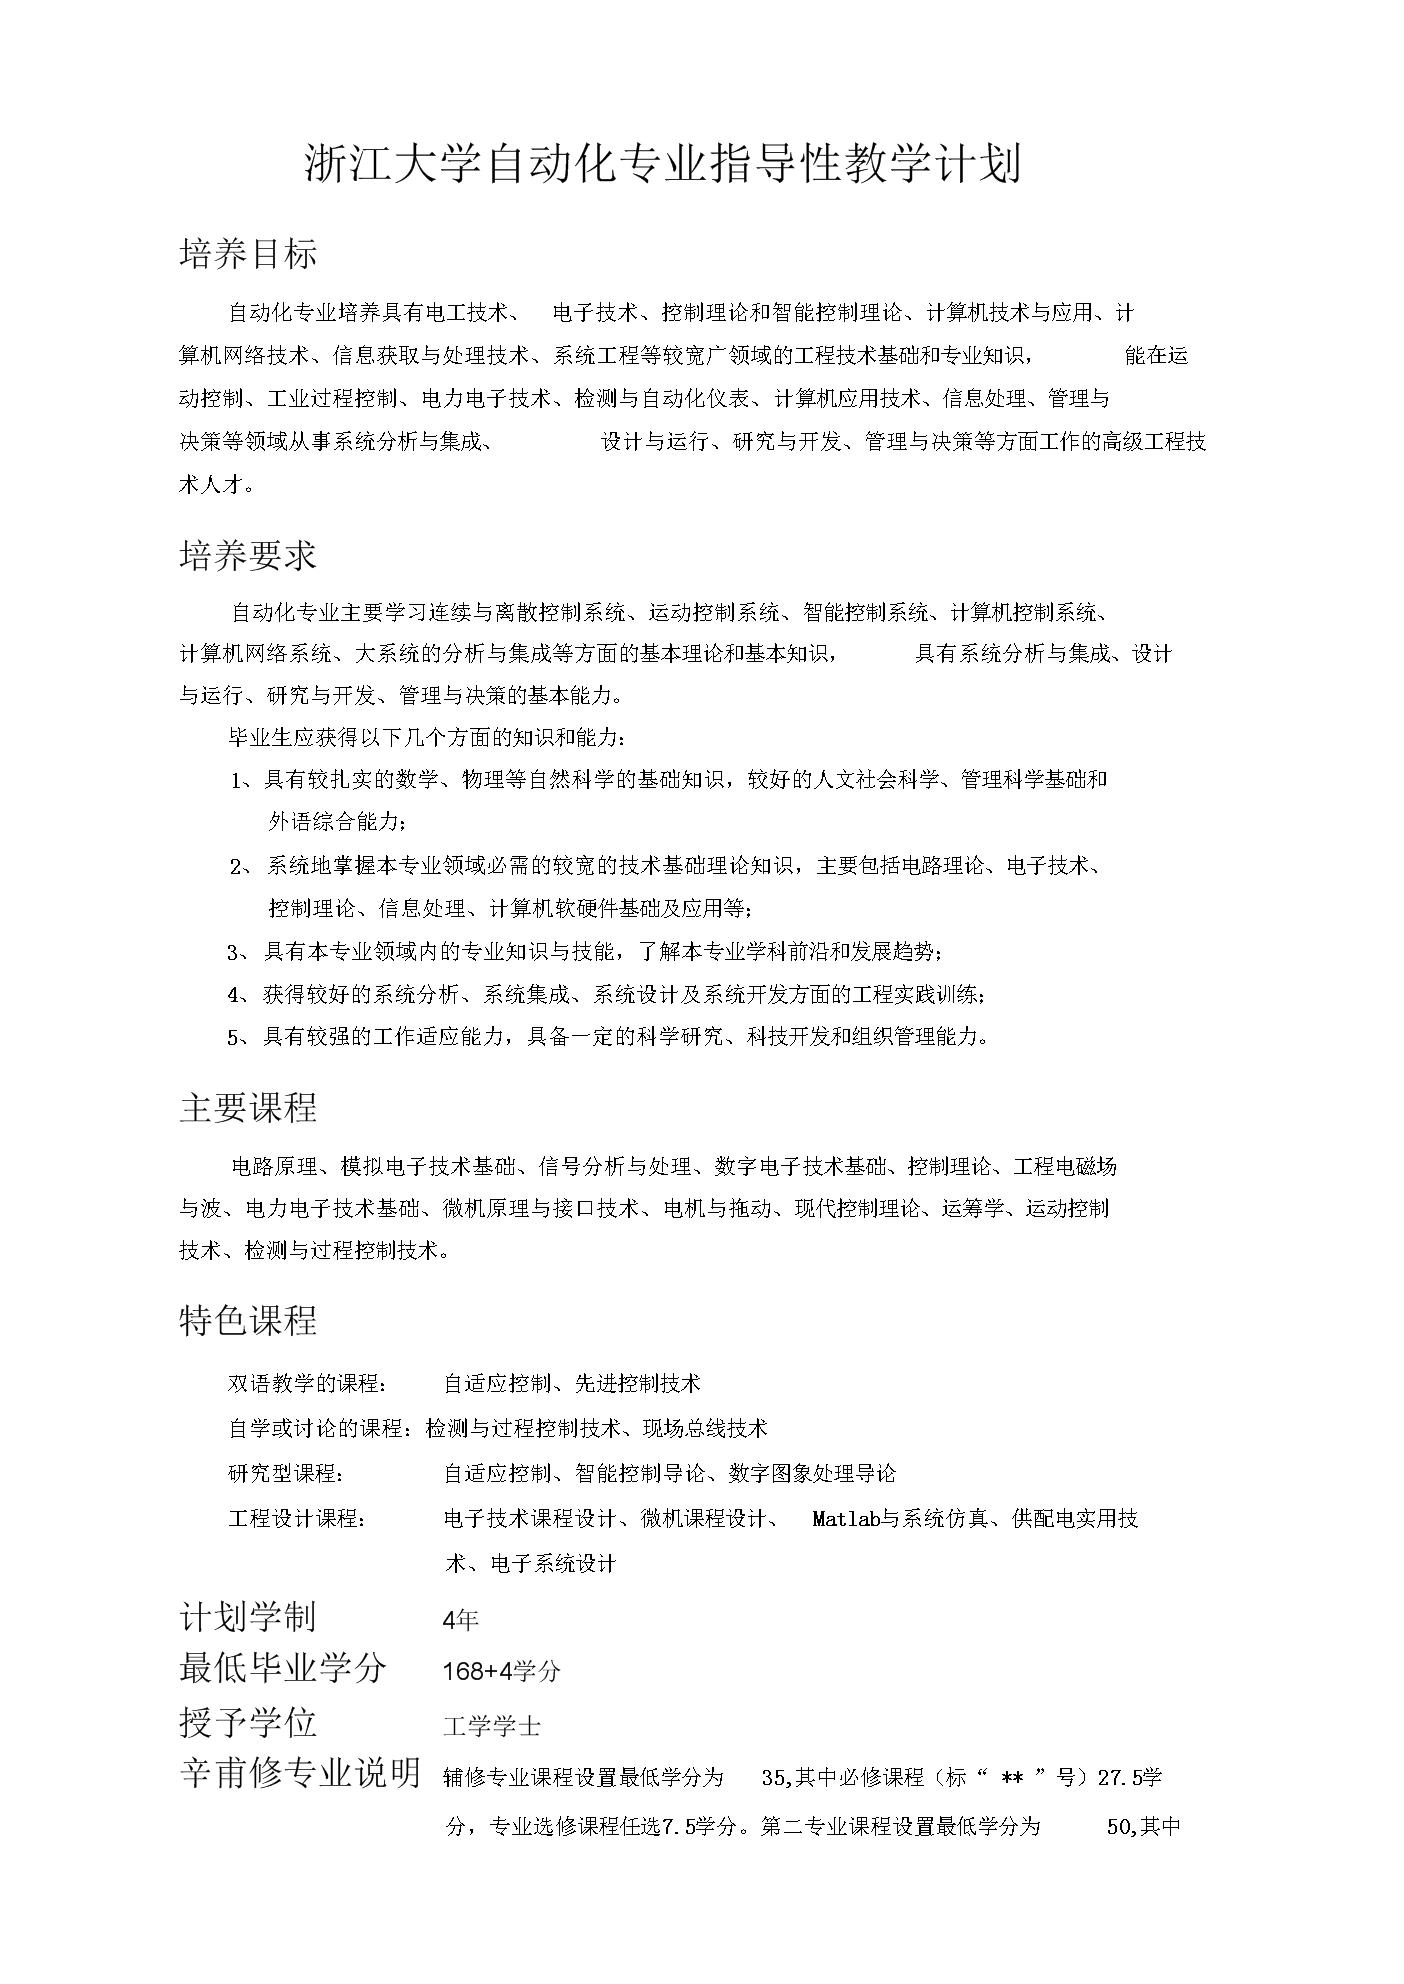 浙江大学自动化专业指导性教学计划学习资料.docx